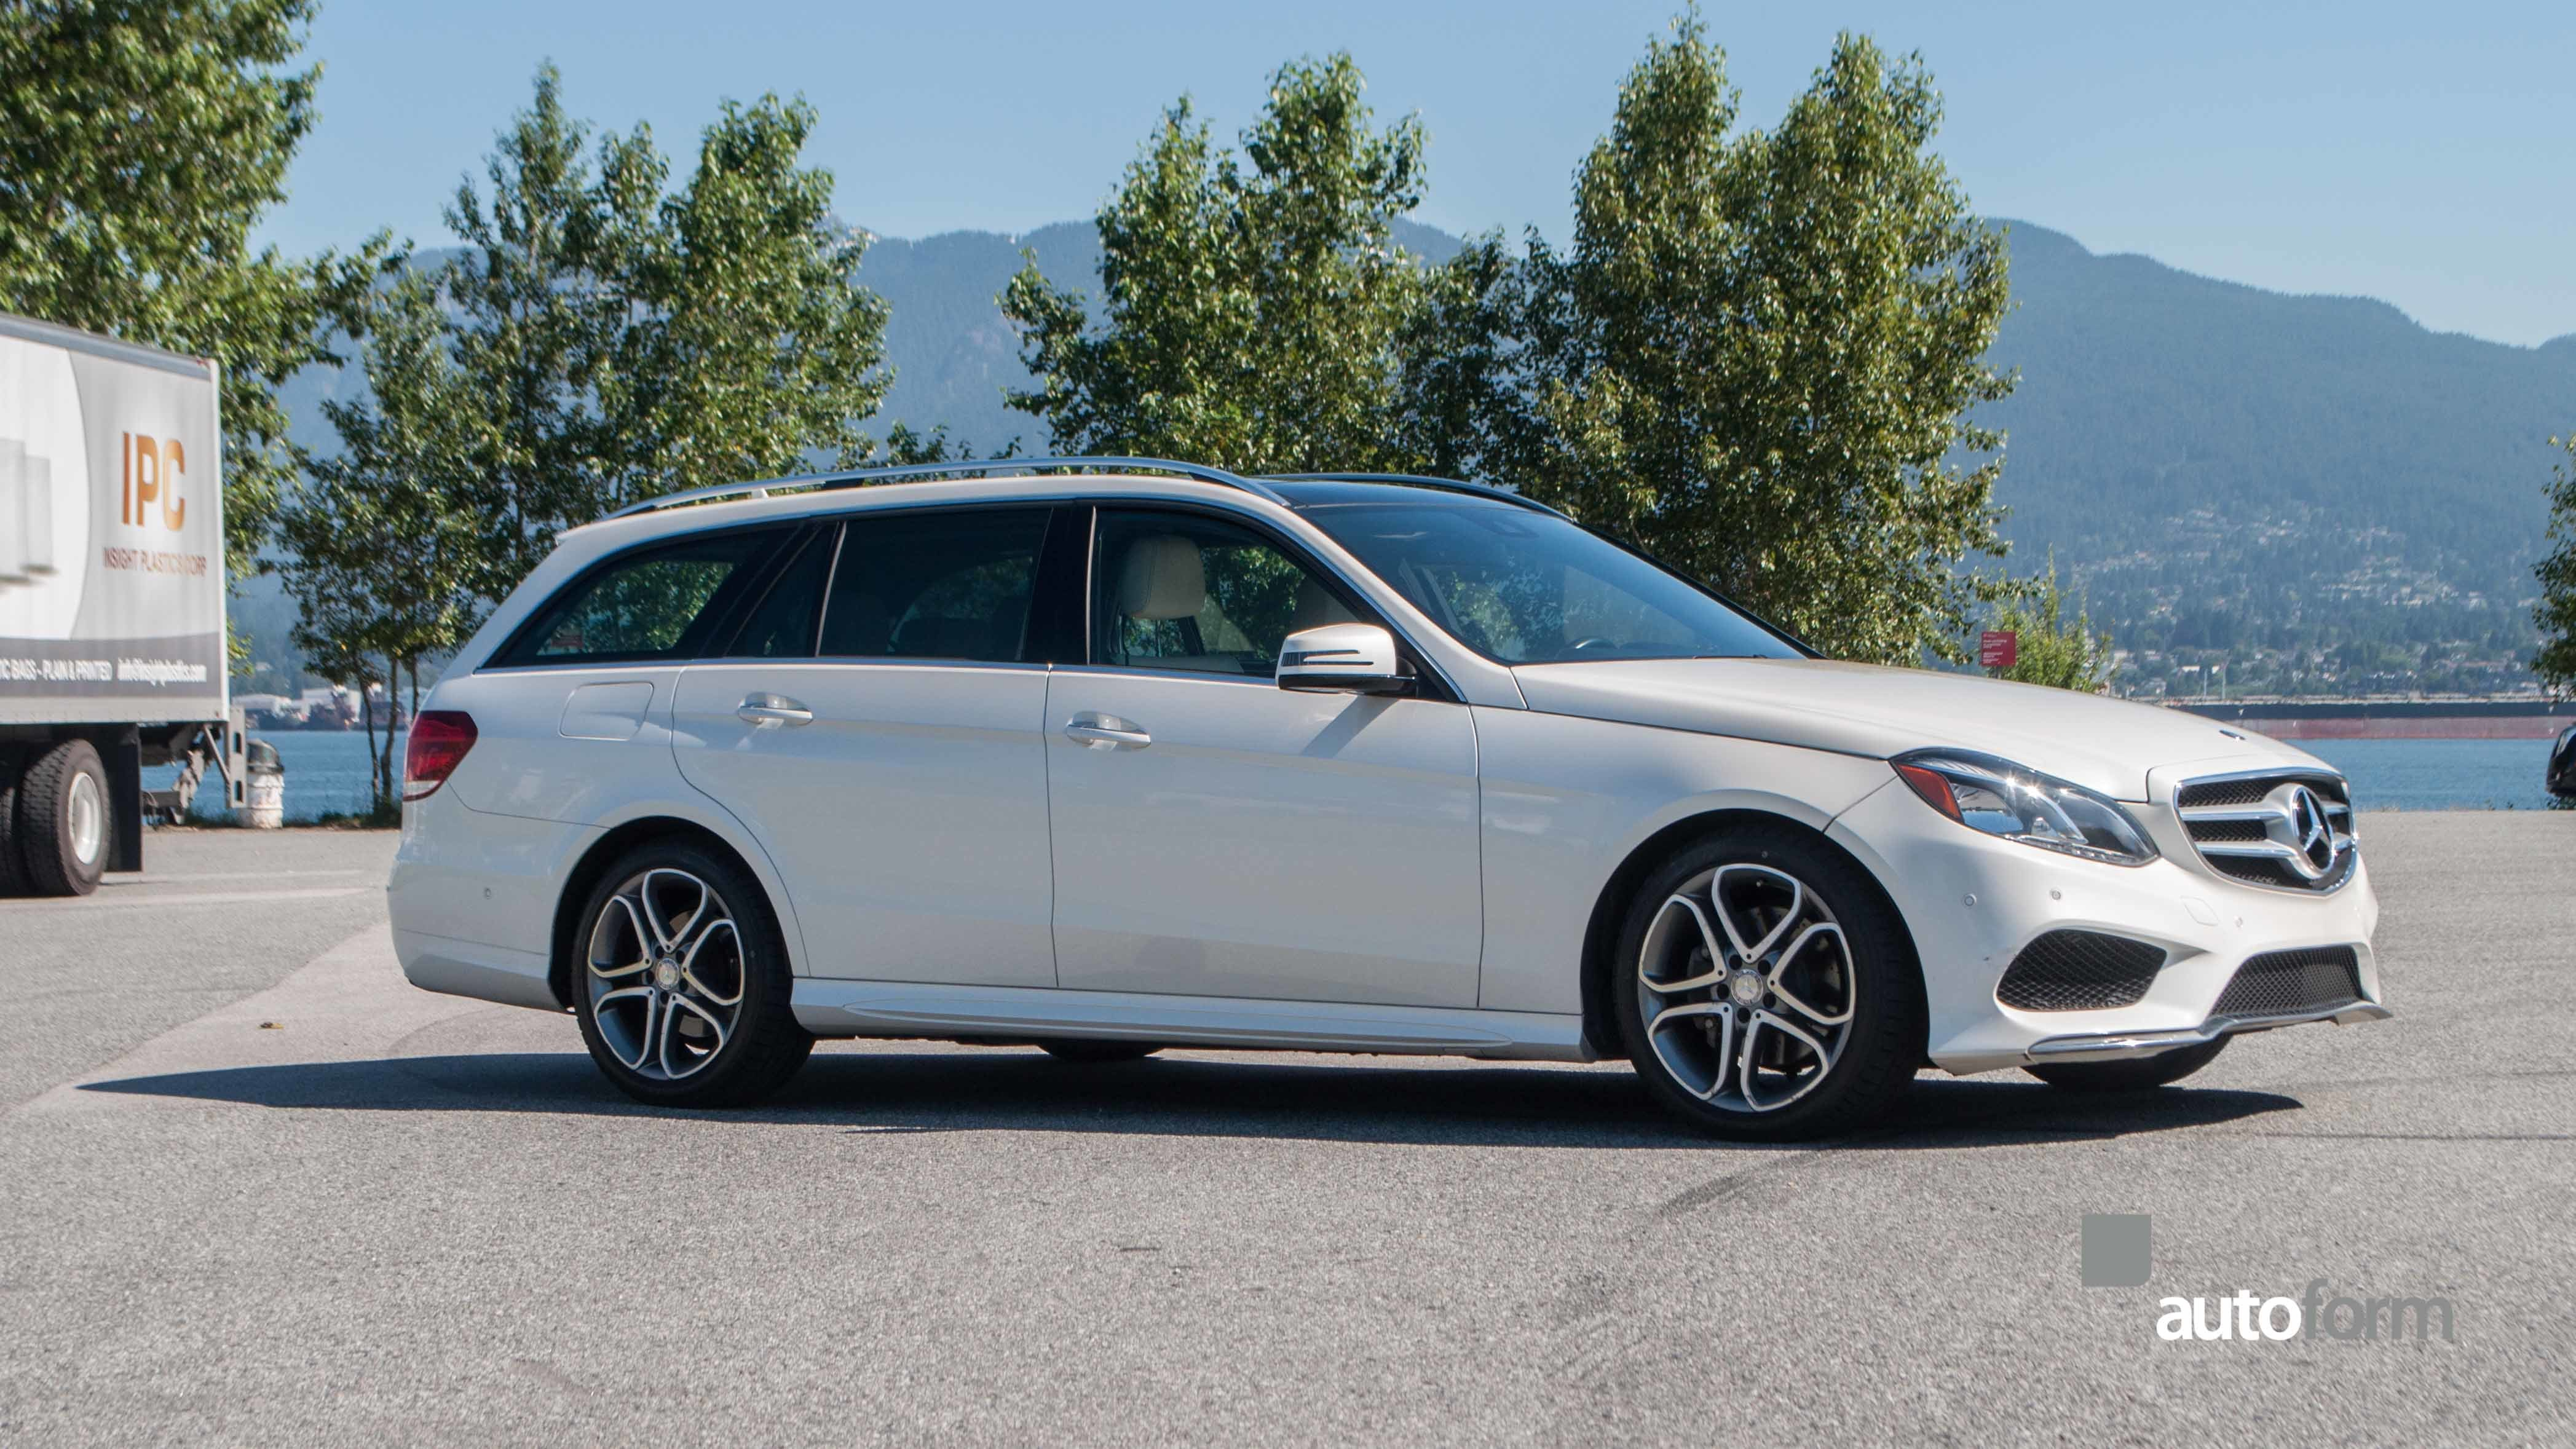 2014 mercedes benz e350 wagon autoform for 2014 mercedes benz e350